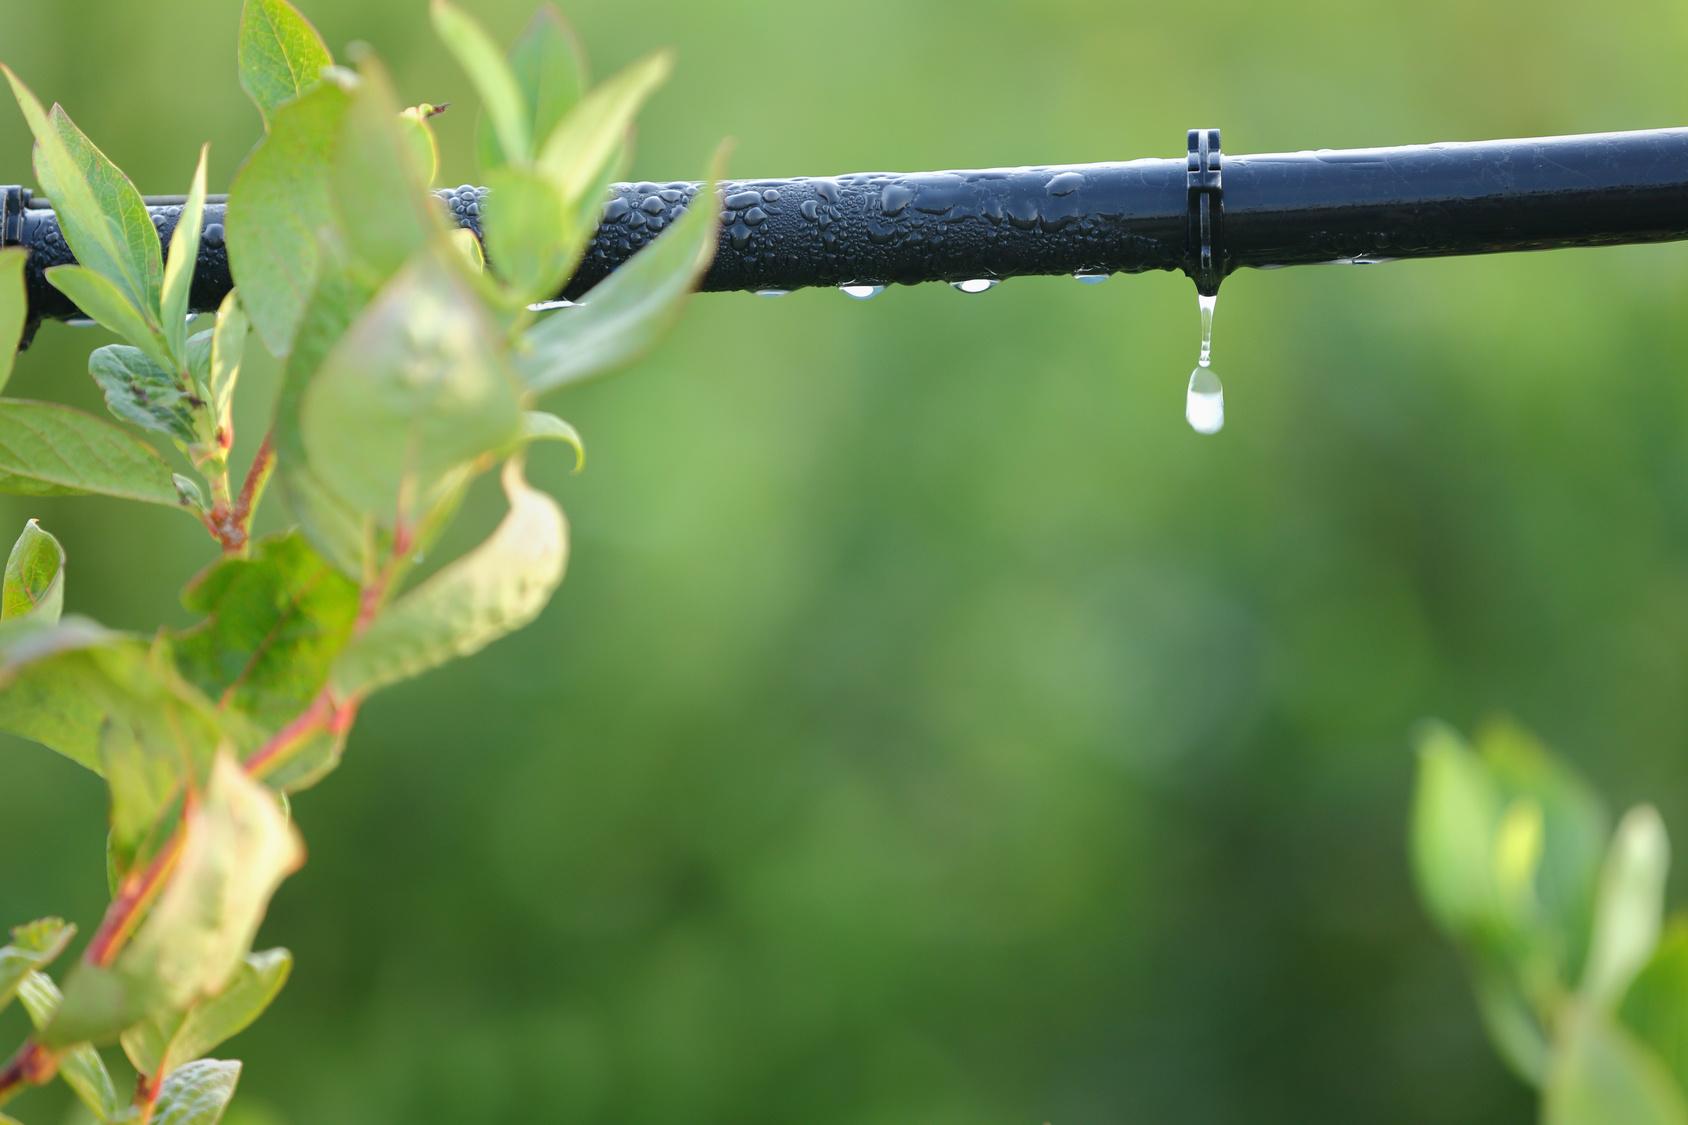 C mo instalar un sistema de riego por goteo - Tubo riego por goteo ...